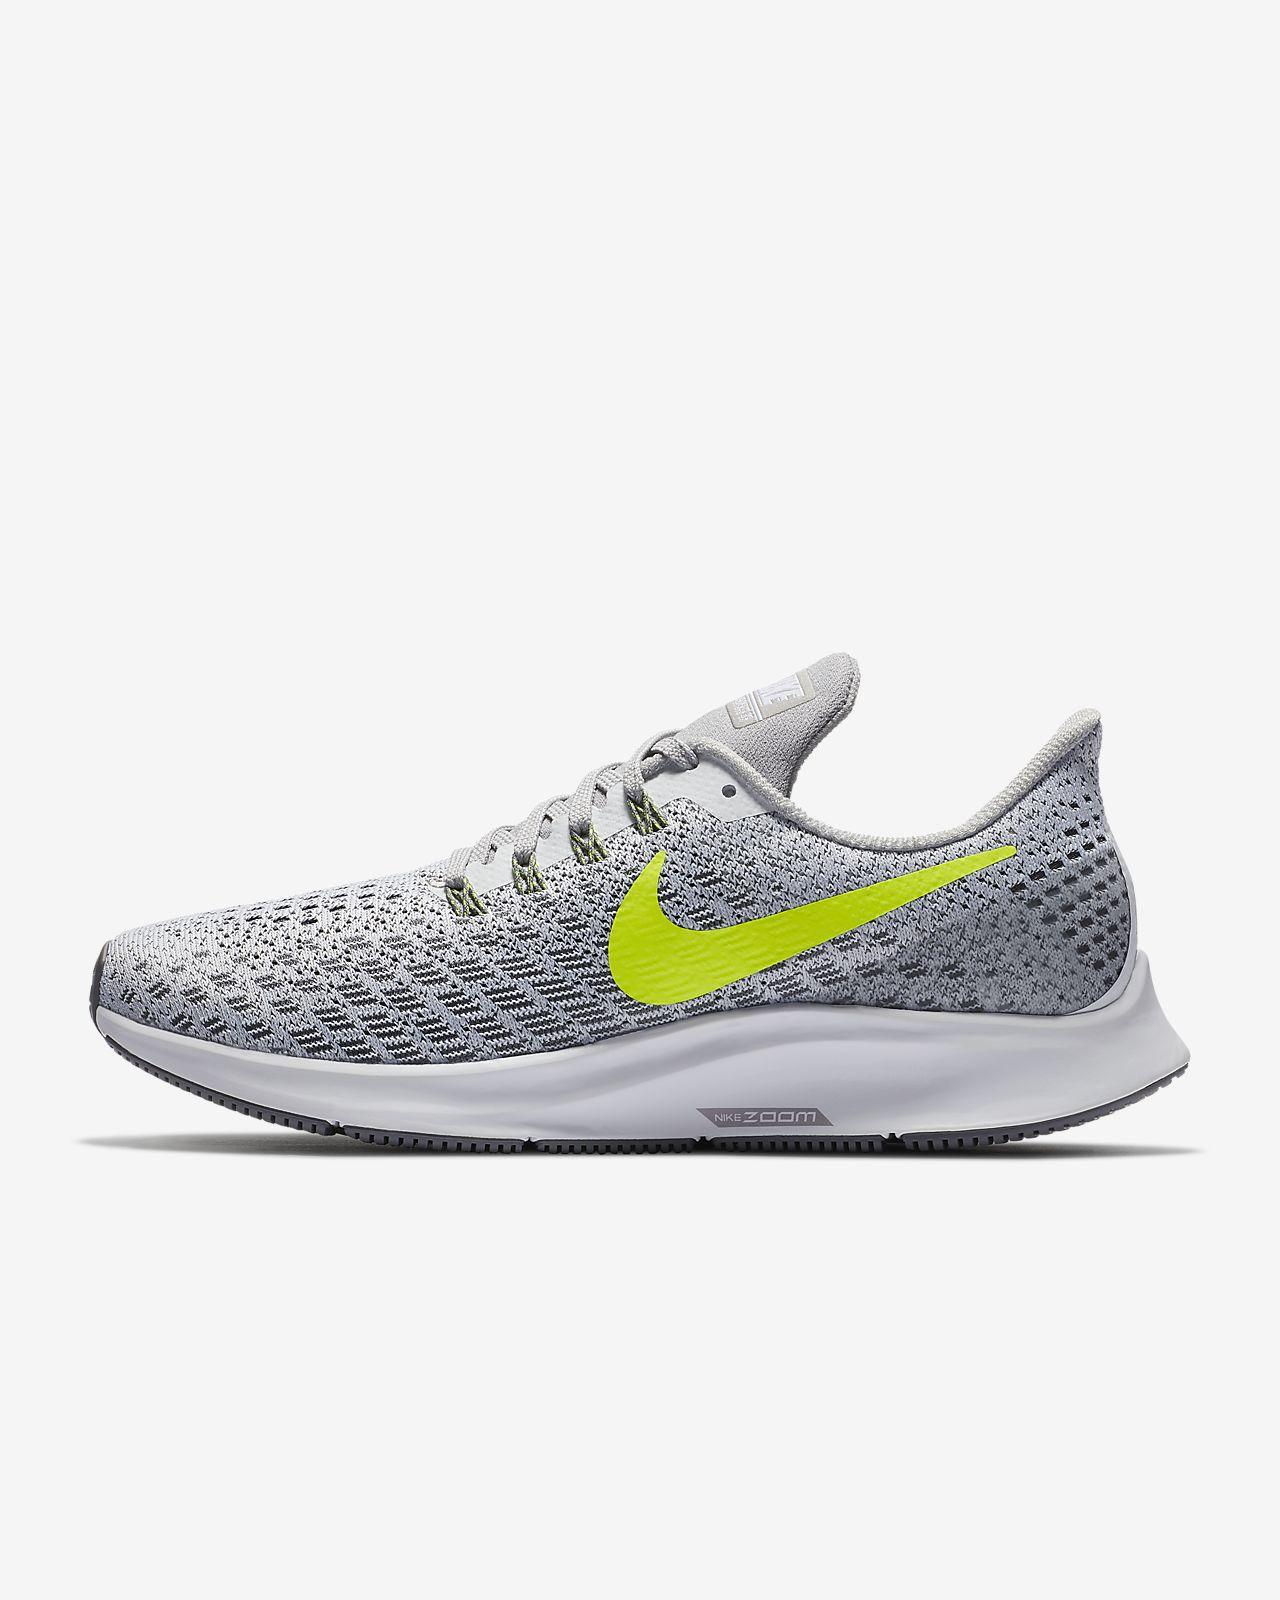 best sneakers 1450f 31415 ... Nike Air Zoom Pegasus 35 Hardloopschoen voor dames